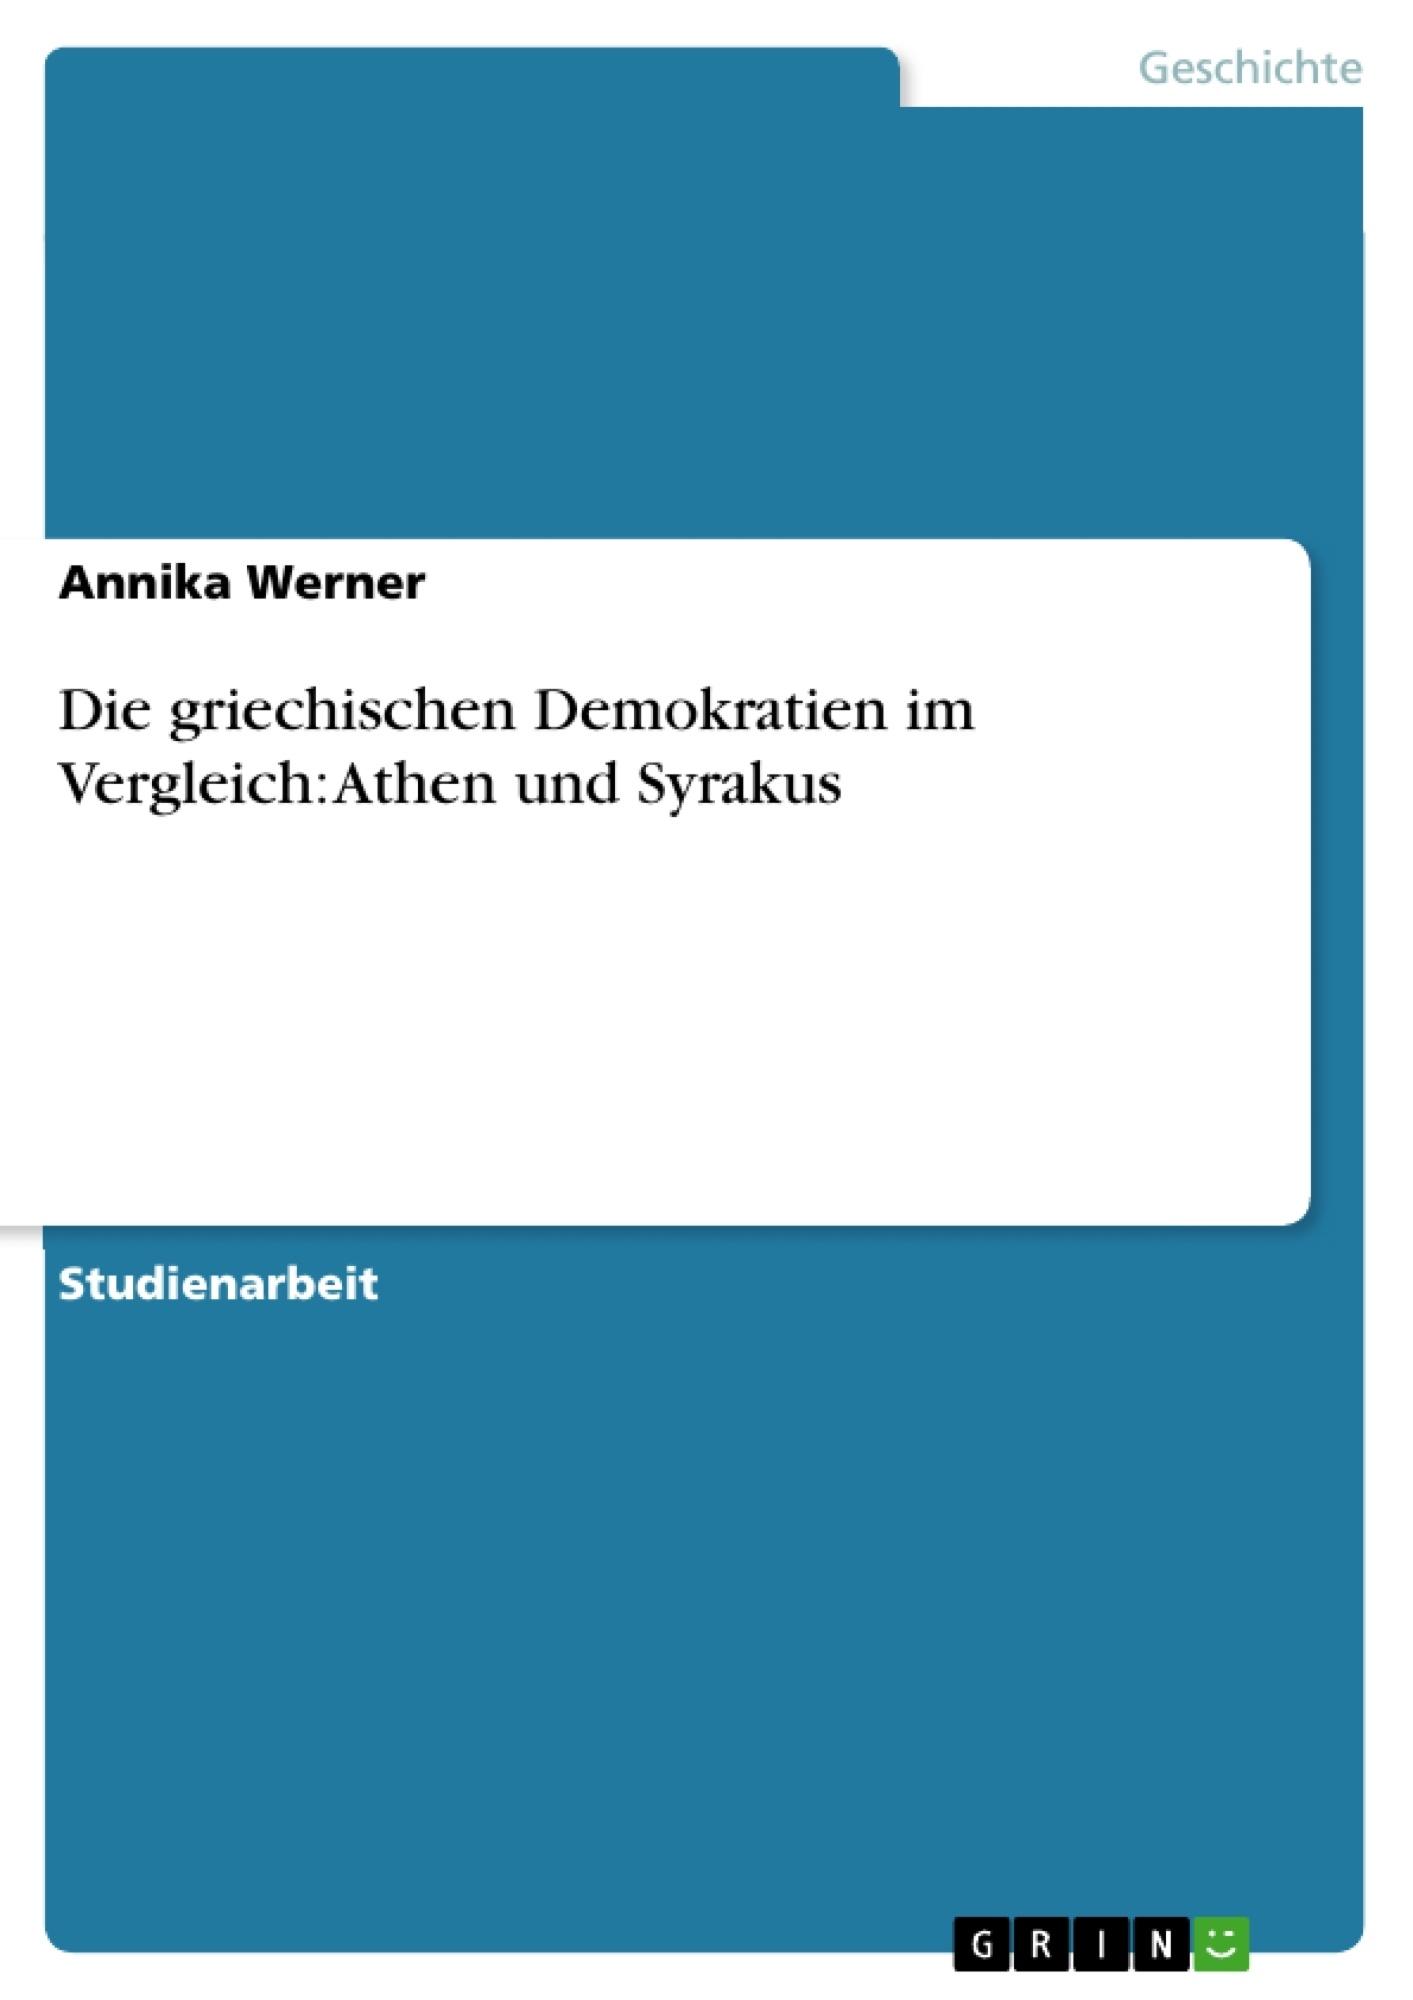 Titel: Die griechischen Demokratien im Vergleich: Athen und Syrakus